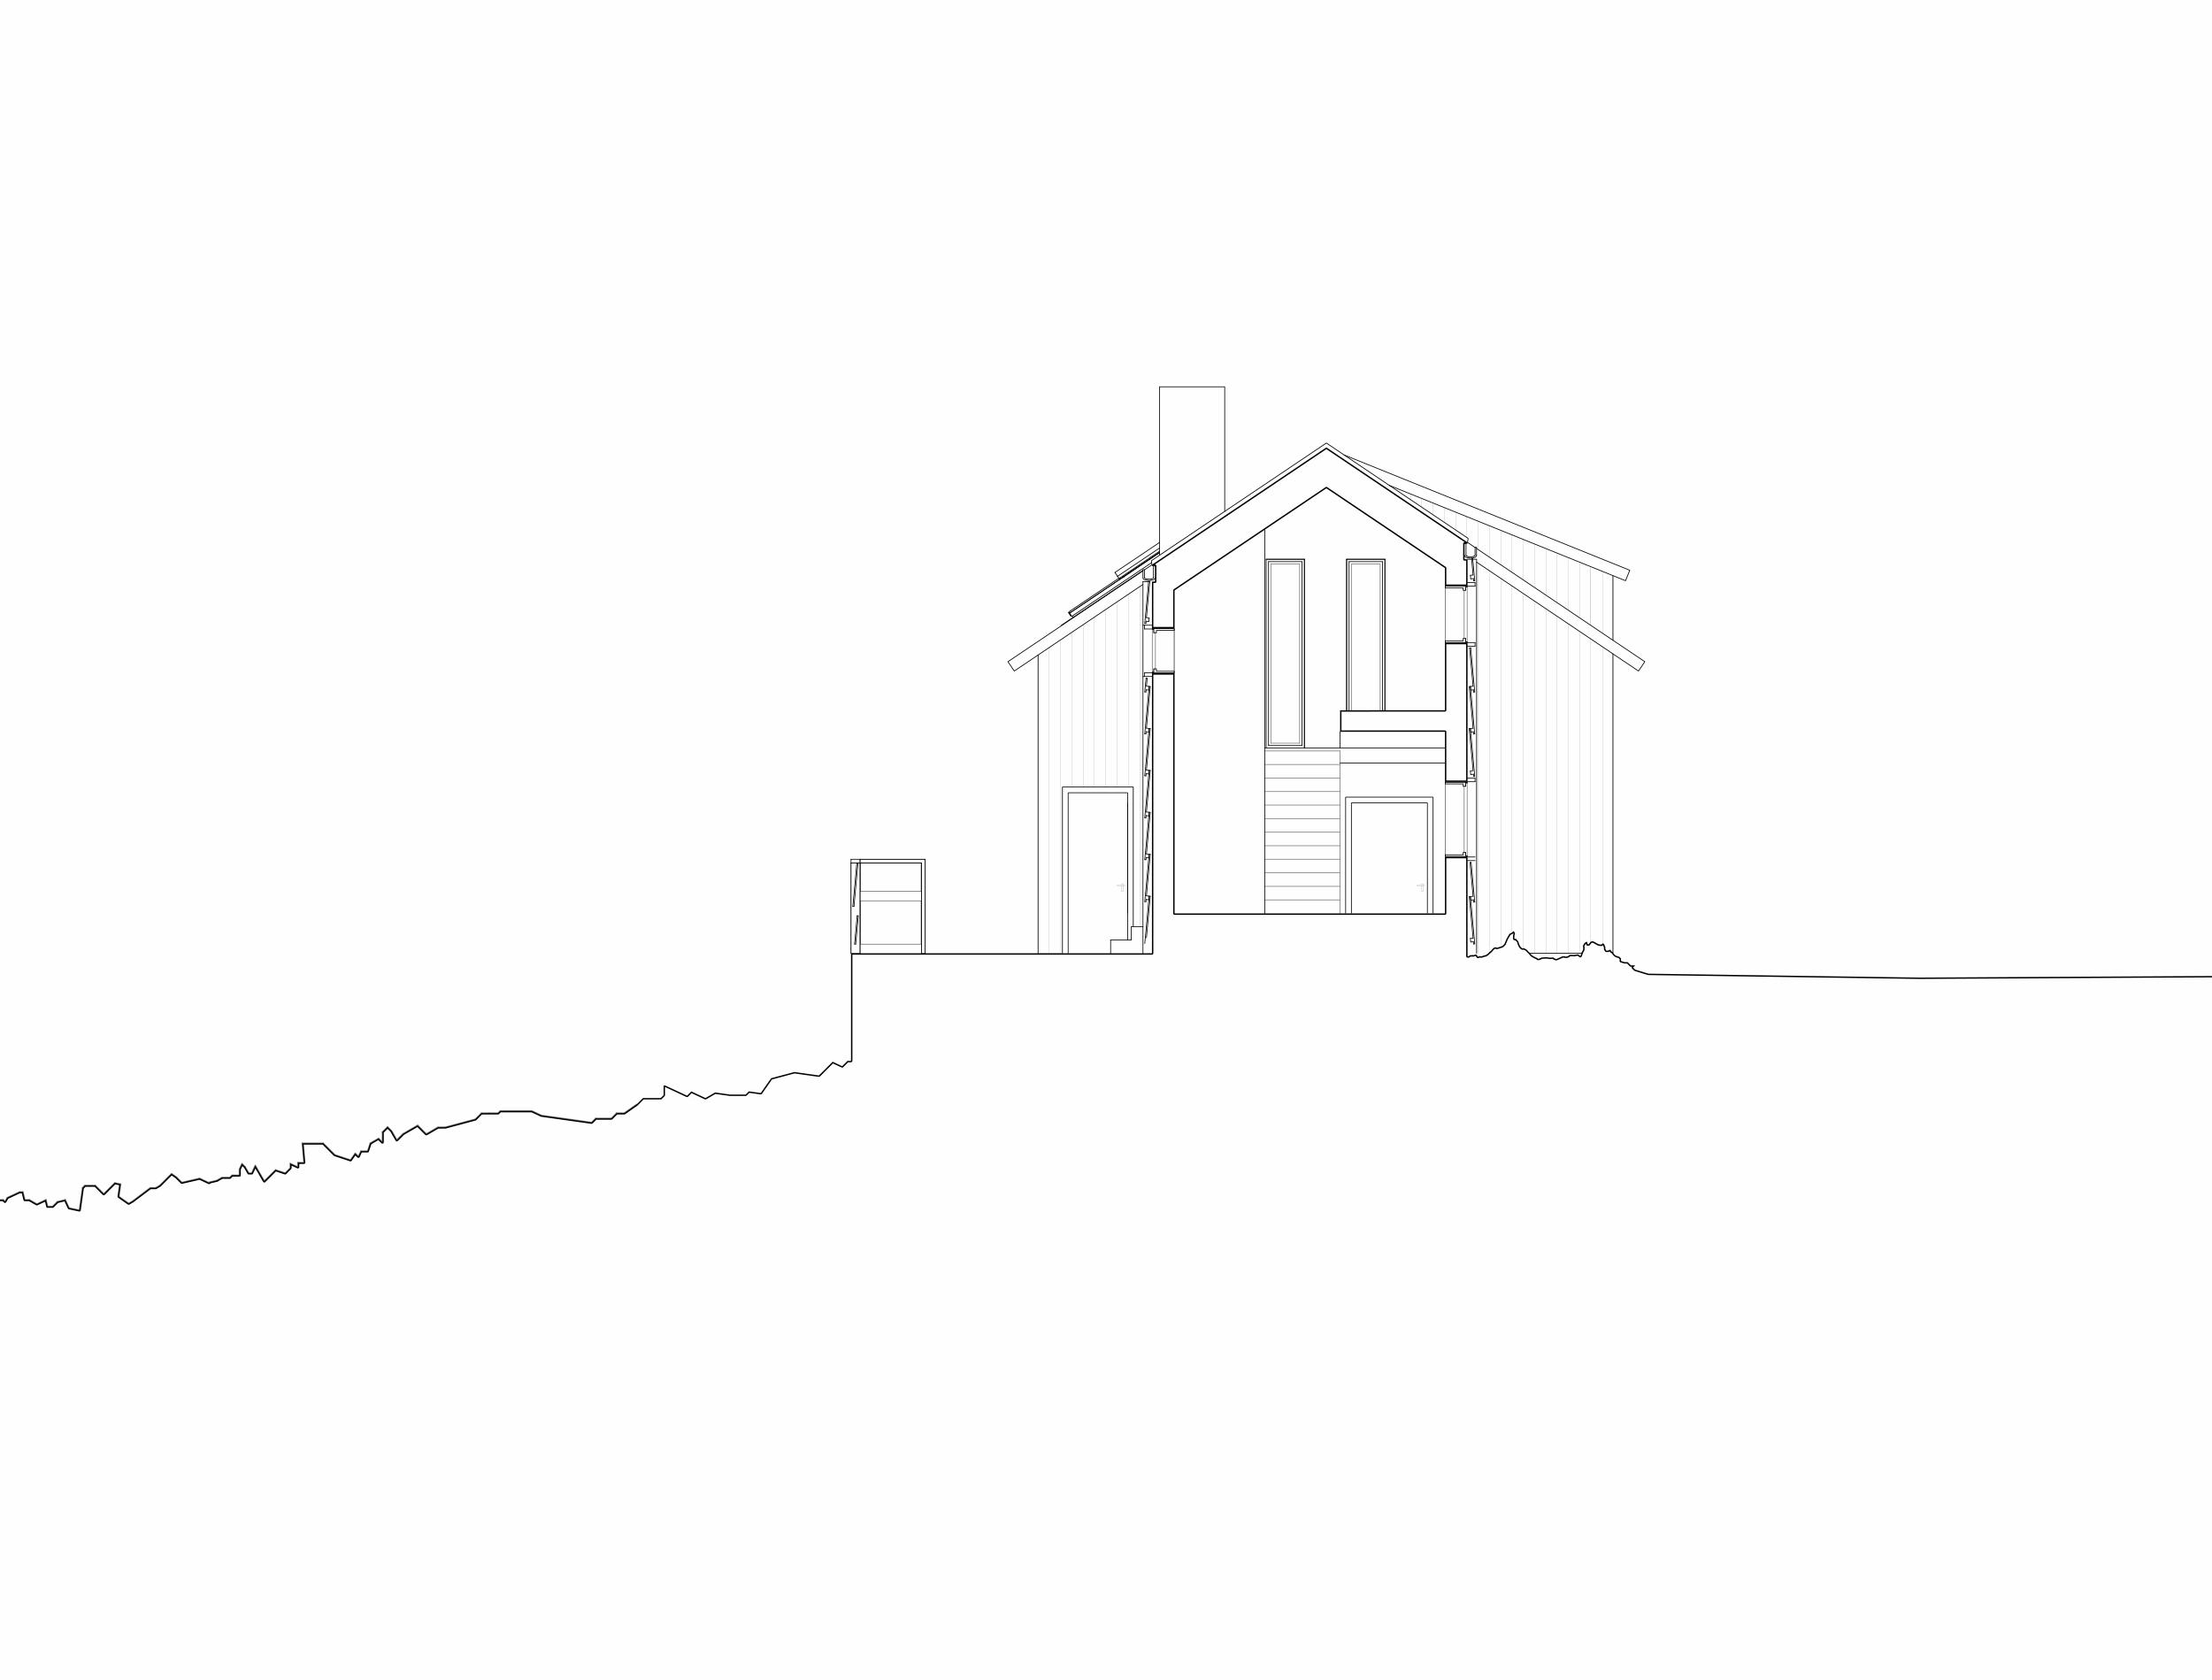 Forunderlig Arkitektur - 1601 - Tverrsnitt